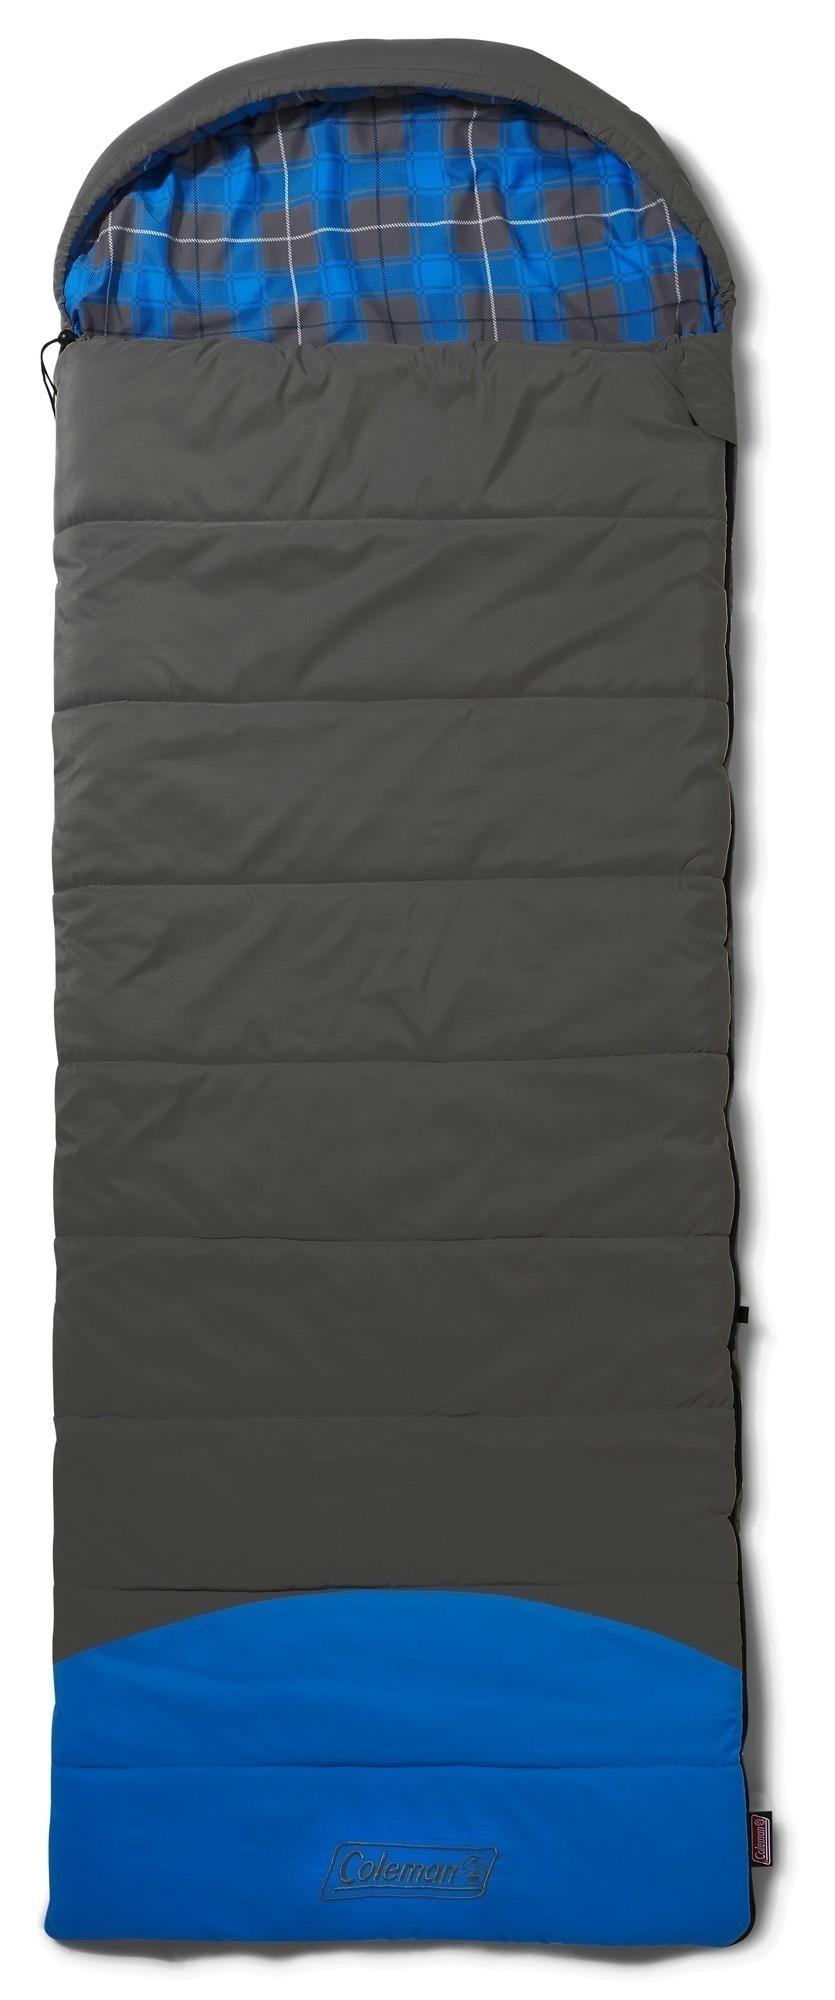 Schlafsack / Deckenschlafsack Coleman Basalt Single 225x80cm grau/blau Bild 1